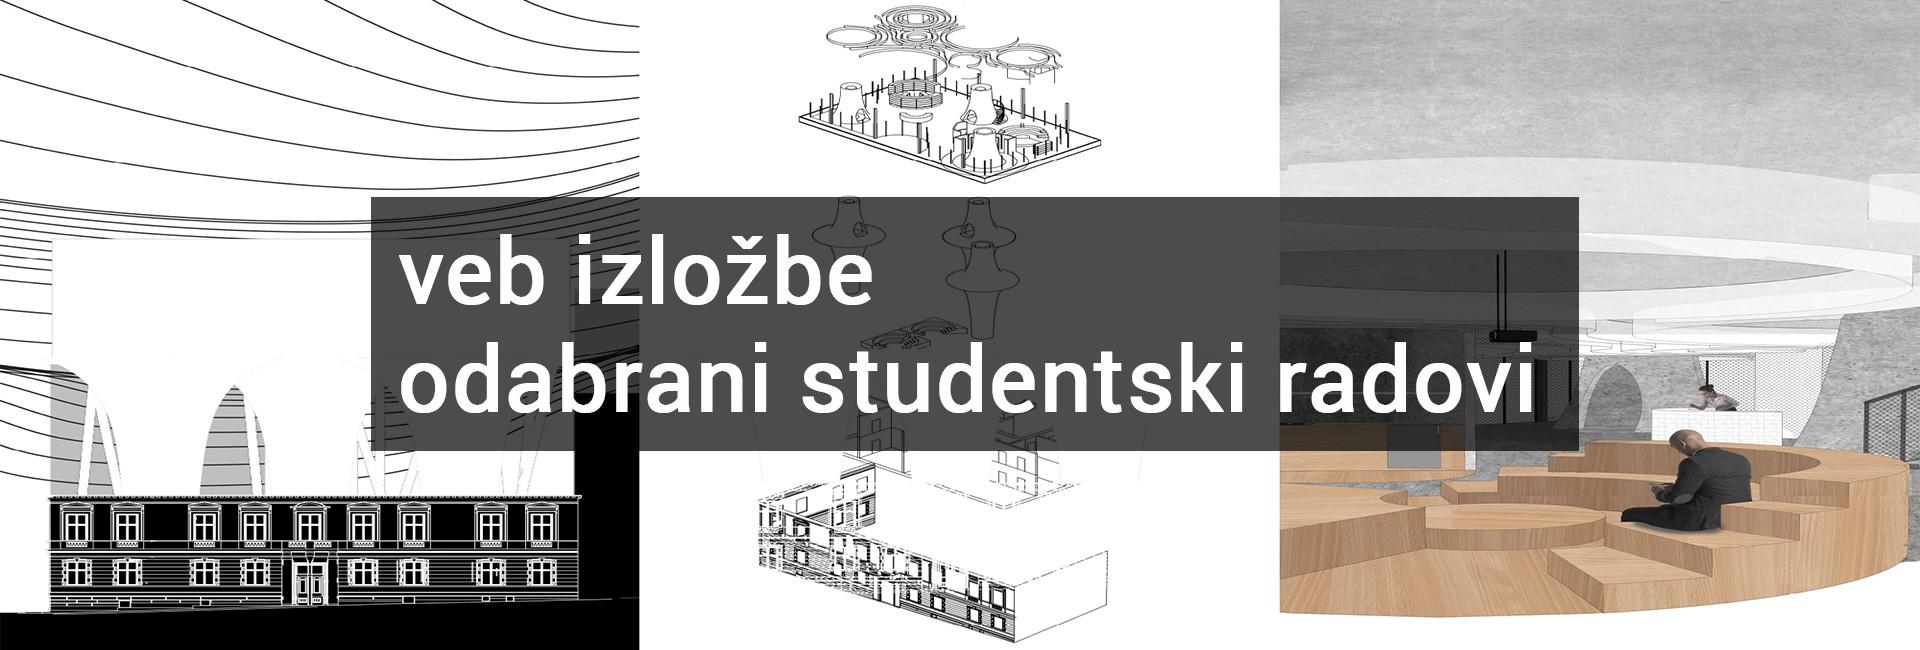 Veb izložbe studentskih radova 2019/20